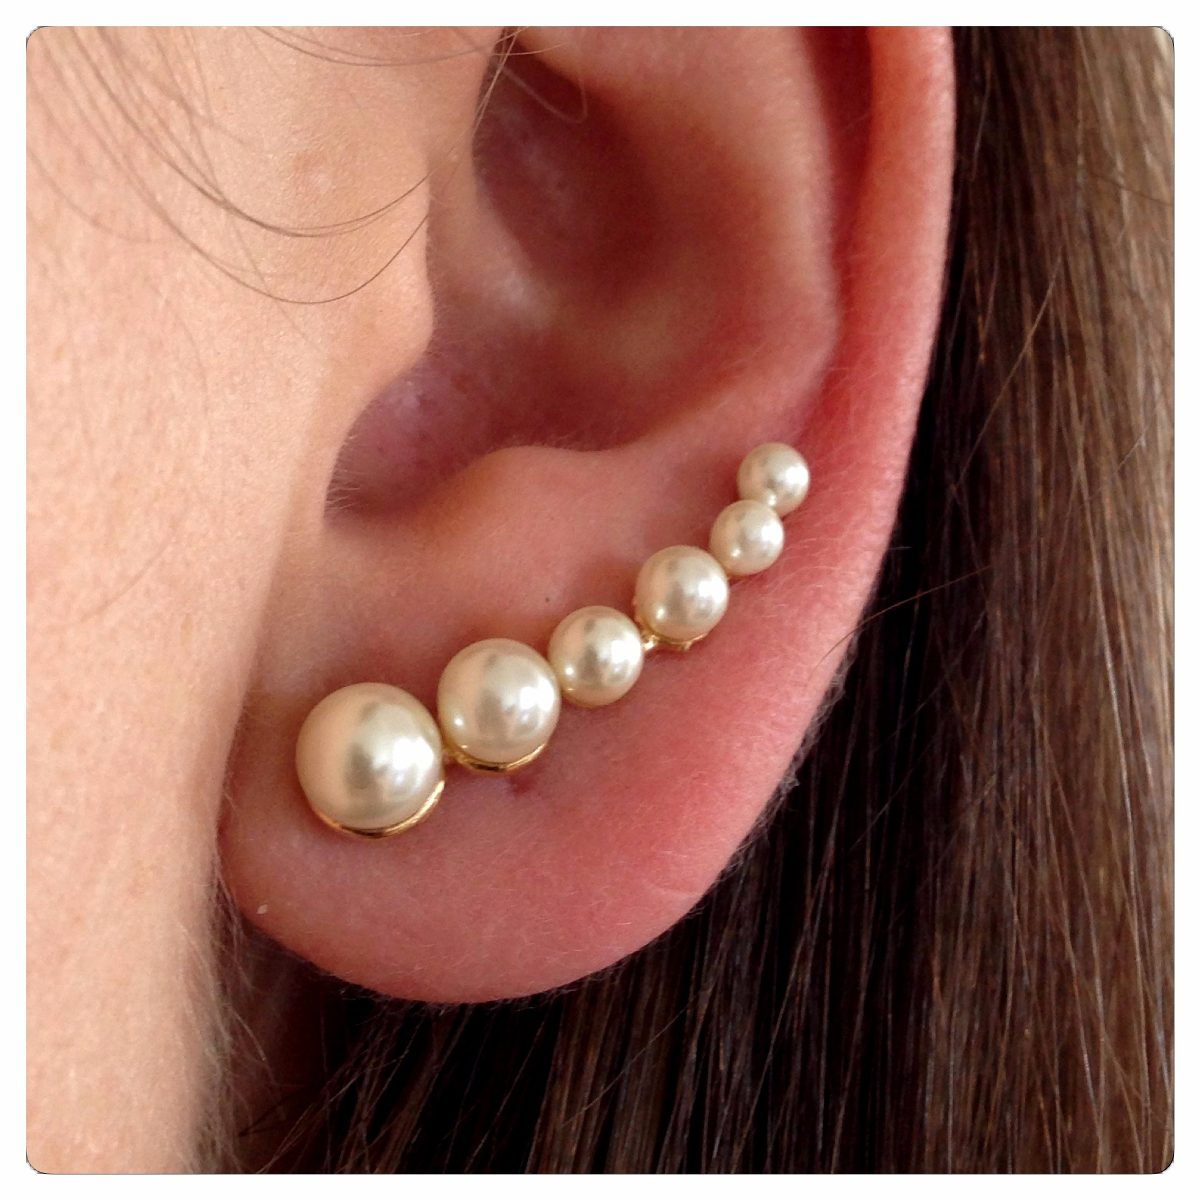 5094f11cebb92 brinco em prata lei folheado a ouro 18k ear cuff pérolas. Carregando zoom.